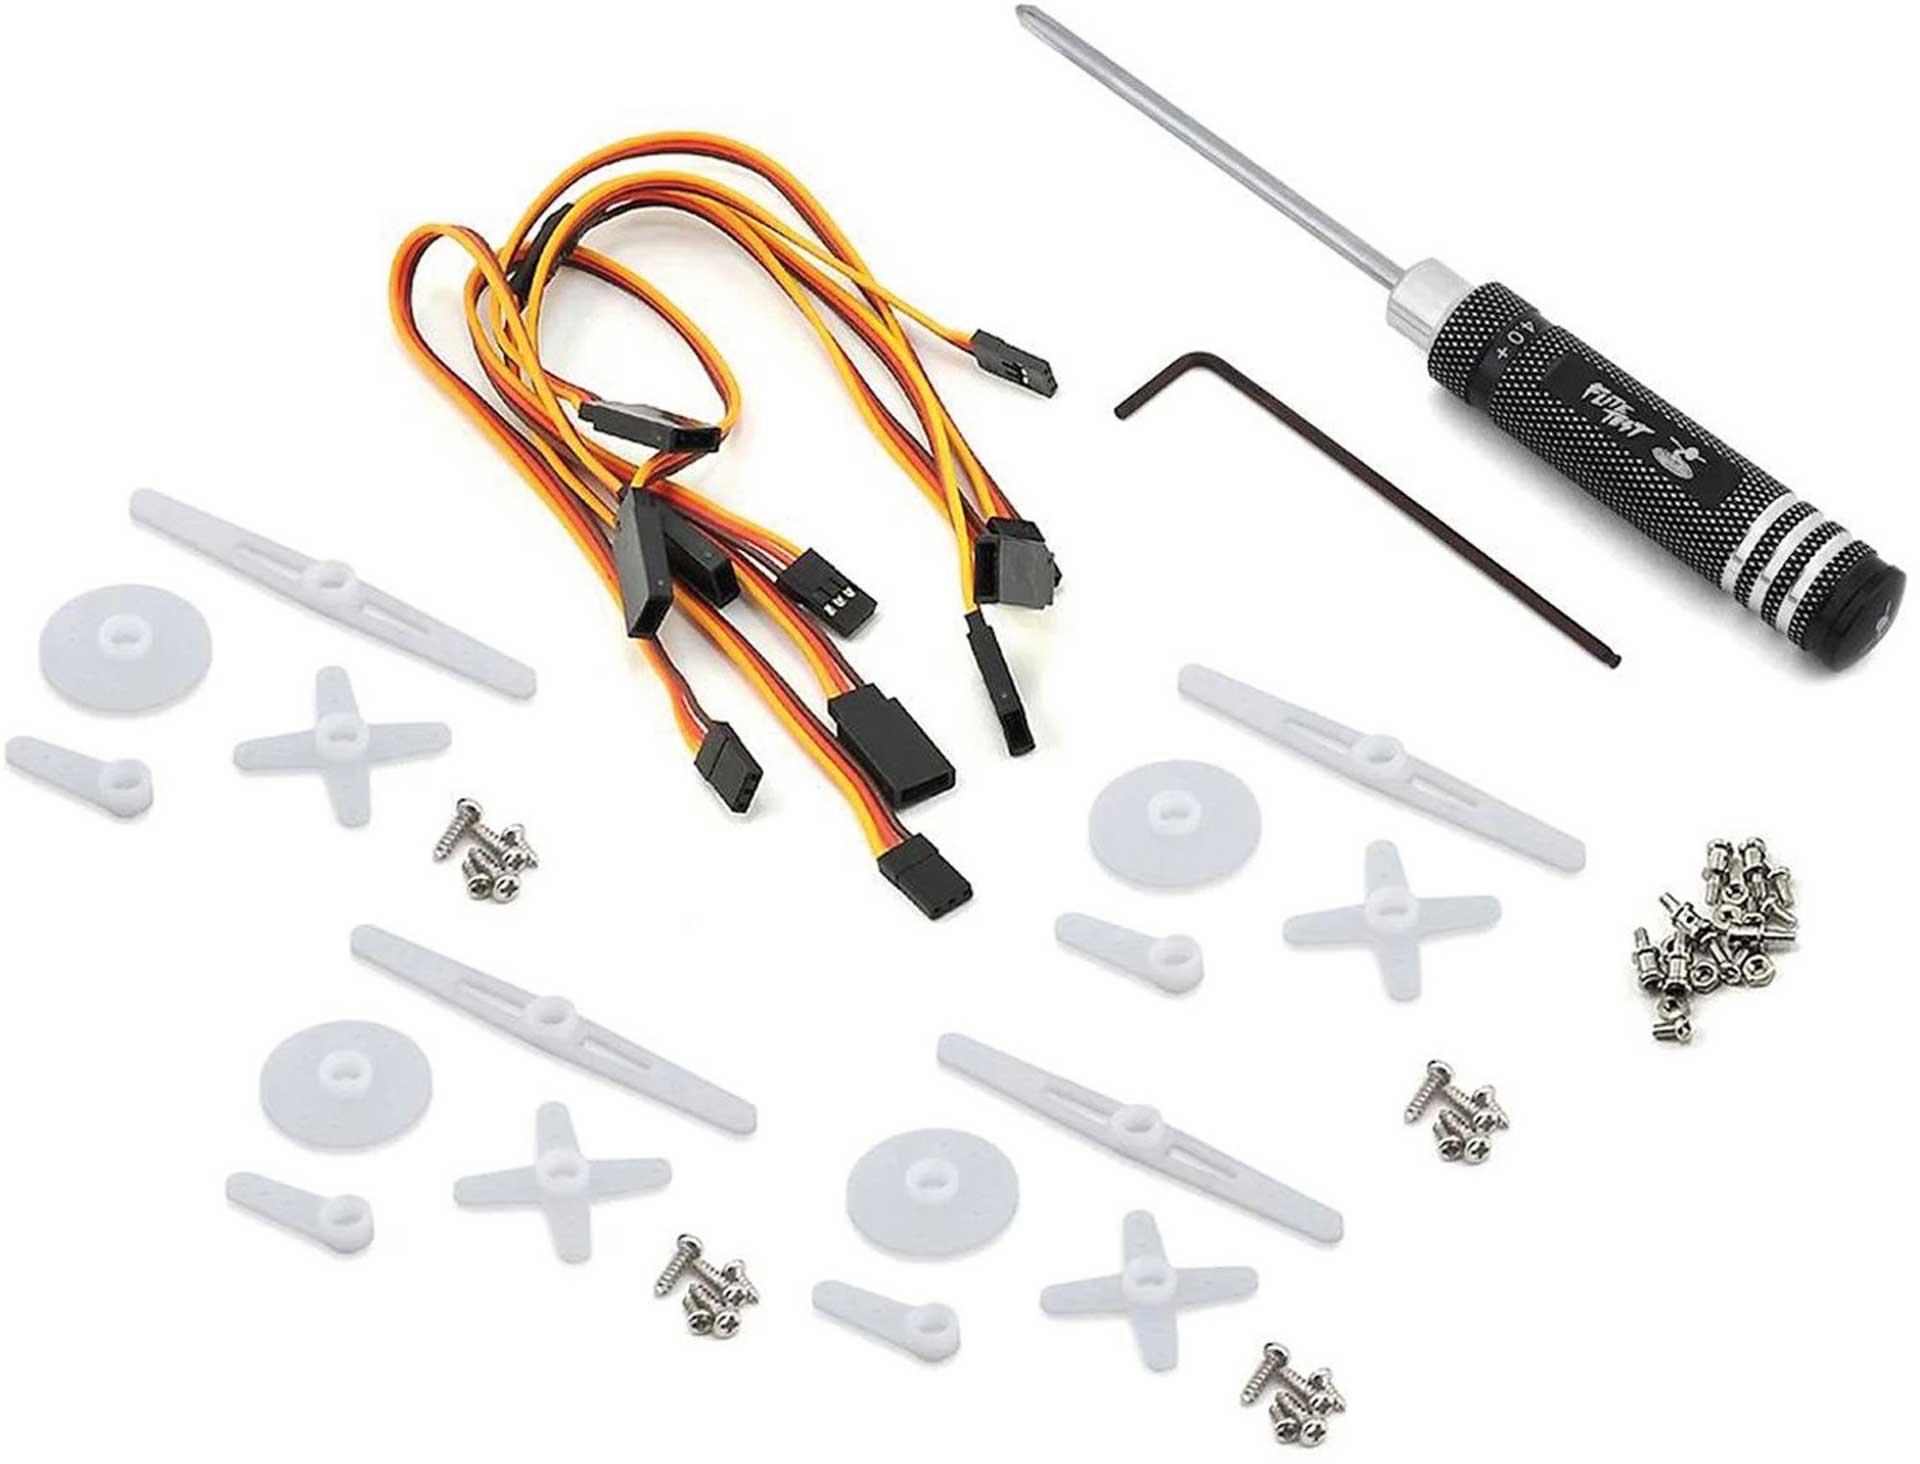 FLITE TEST FT Power Pack C - Radials